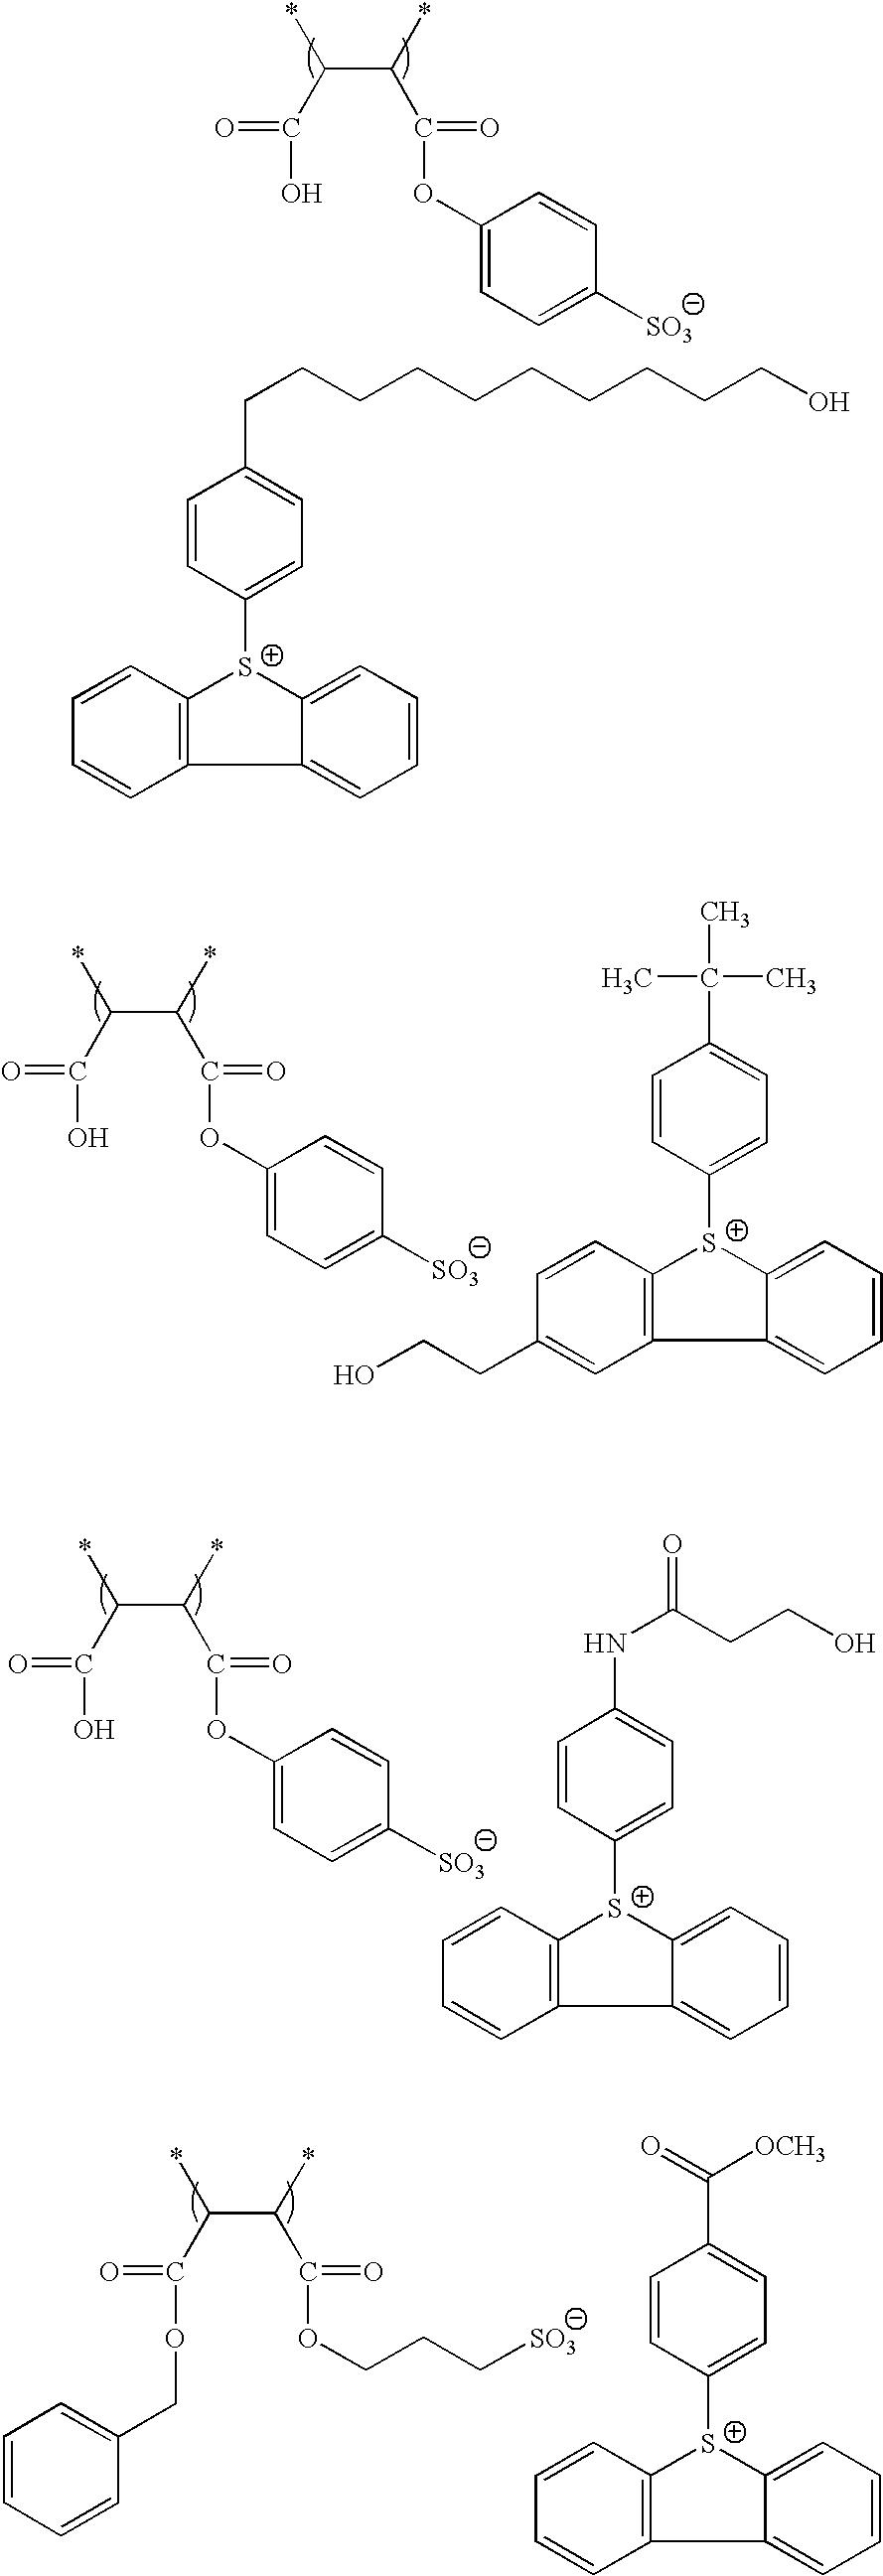 Figure US20100183975A1-20100722-C00078